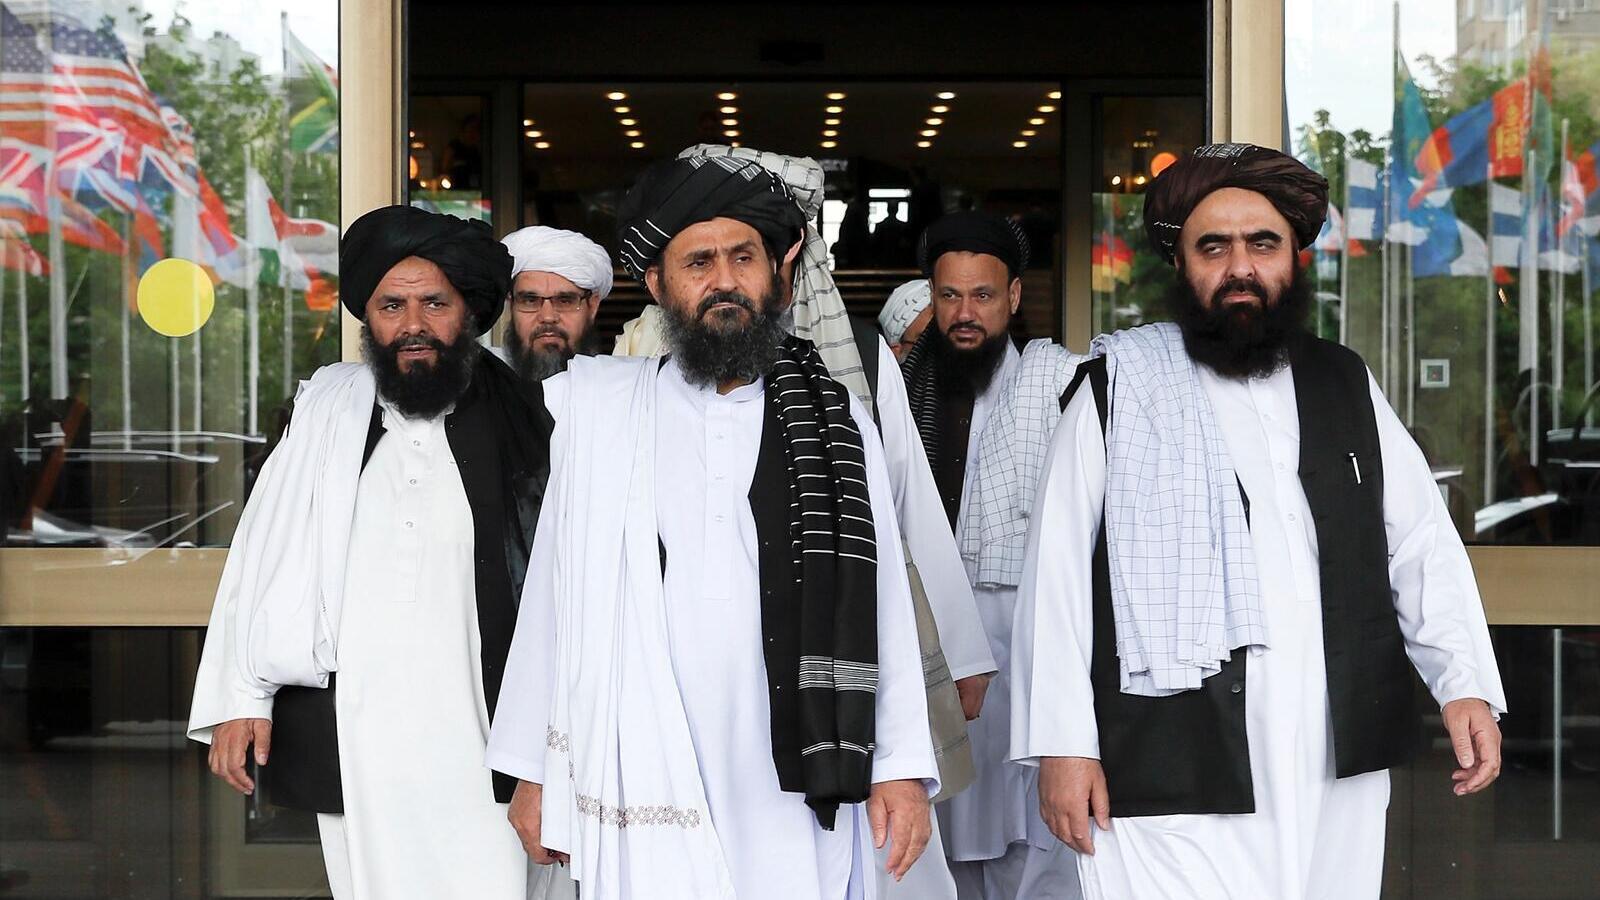 وفد طالبان - وفد من طالبان يزور روسيا..إستئناف المفاوضات بين موسكو وطالبان